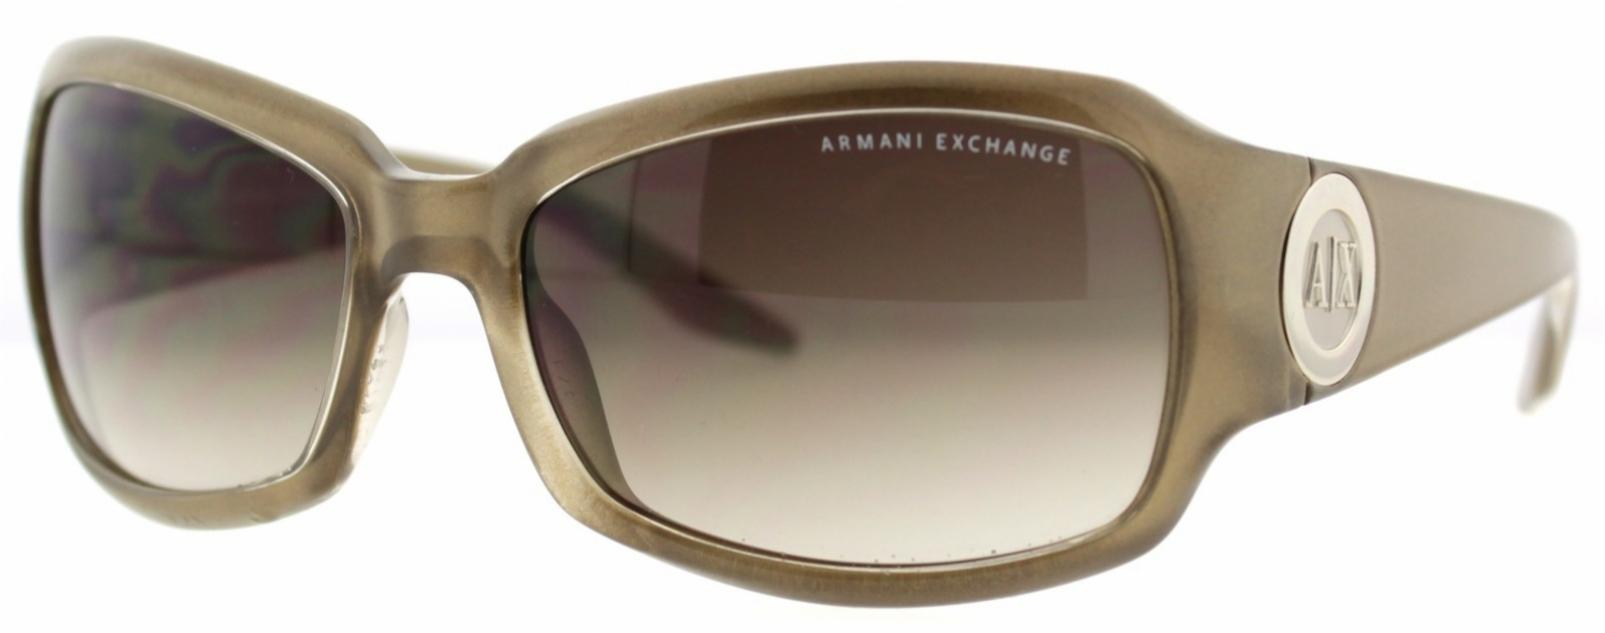 ARMANI EXCHANGE 062 RD7